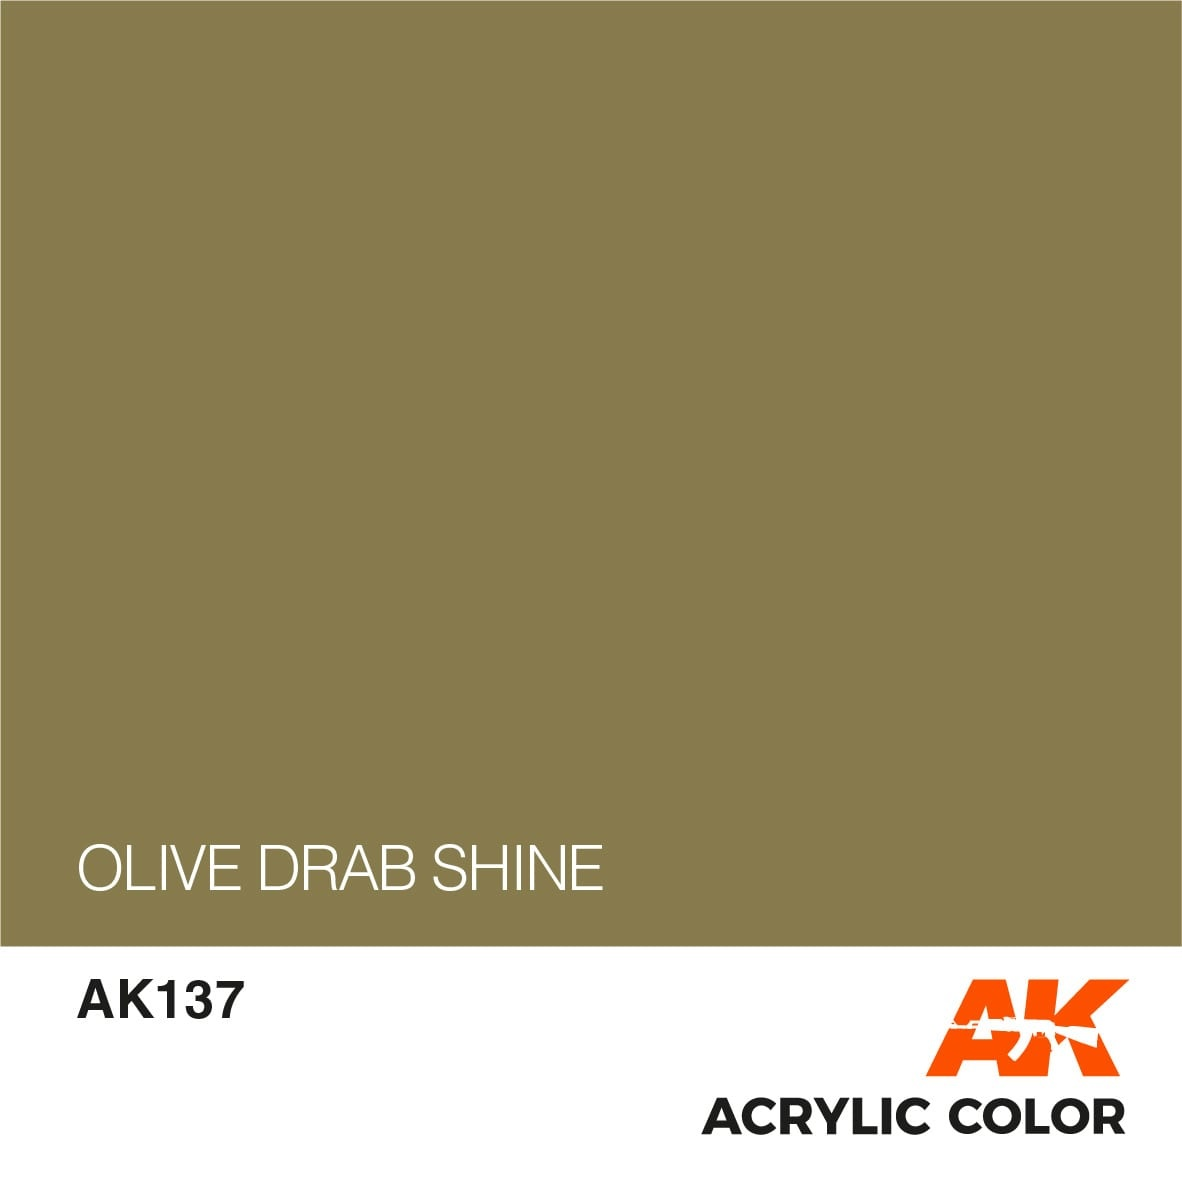 AK-Interactive Olive Drab Shine - 17ml - AK-Interactive - AK-137